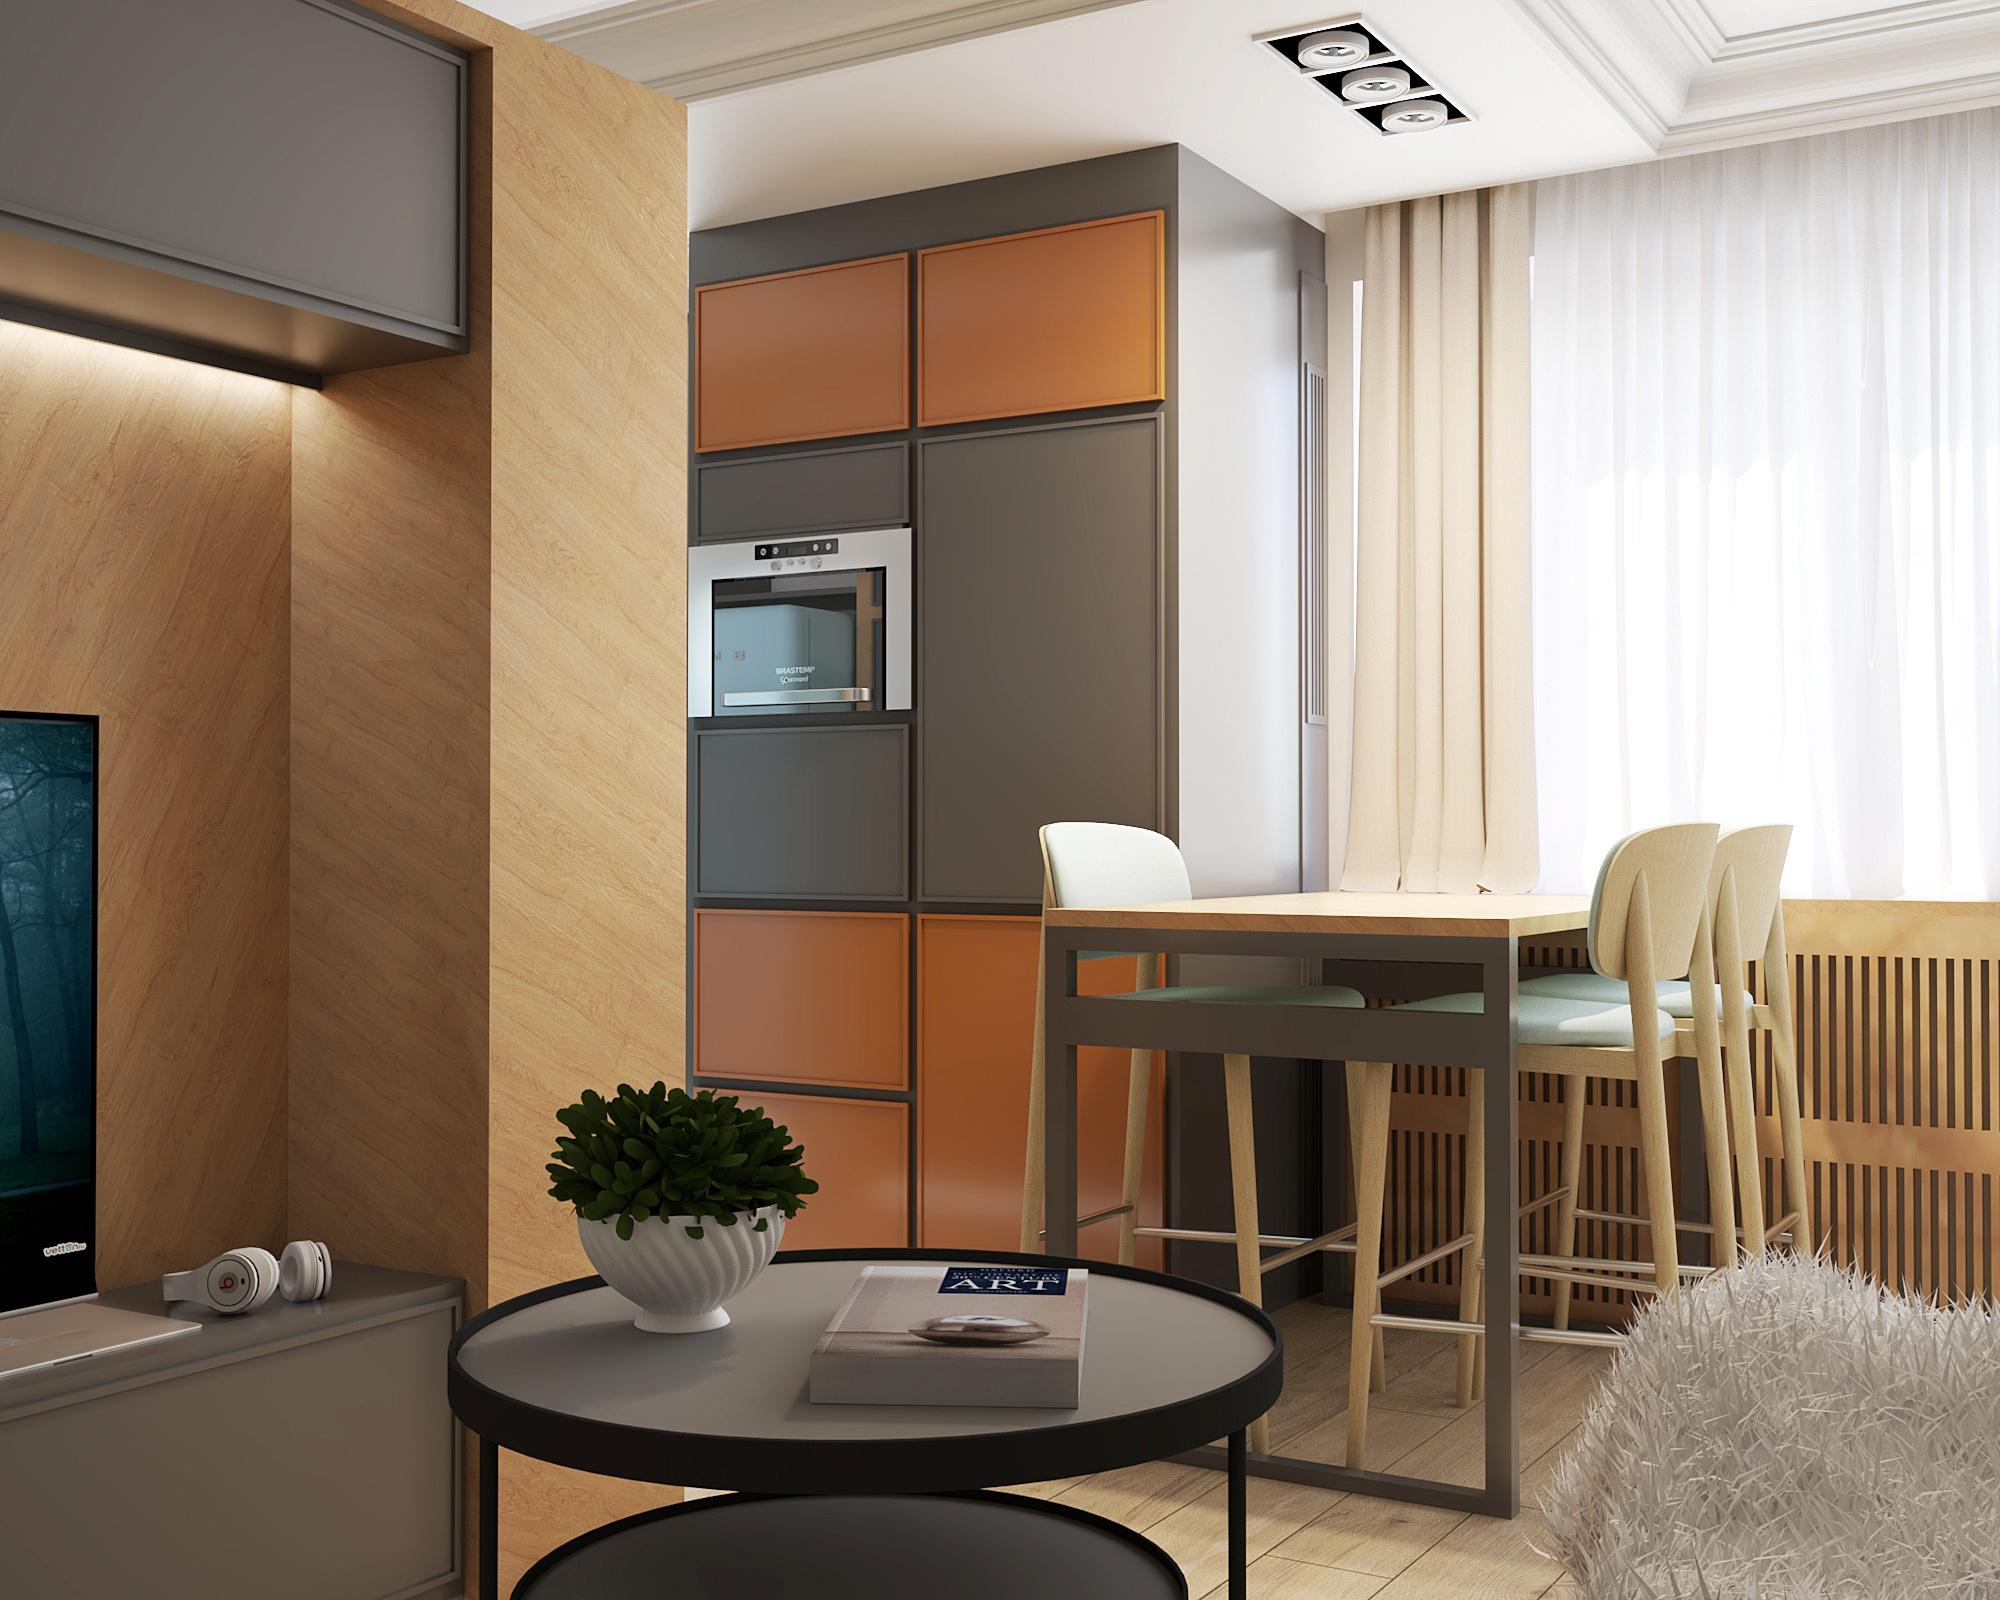 Väikese korteri elutoa sisekujundus